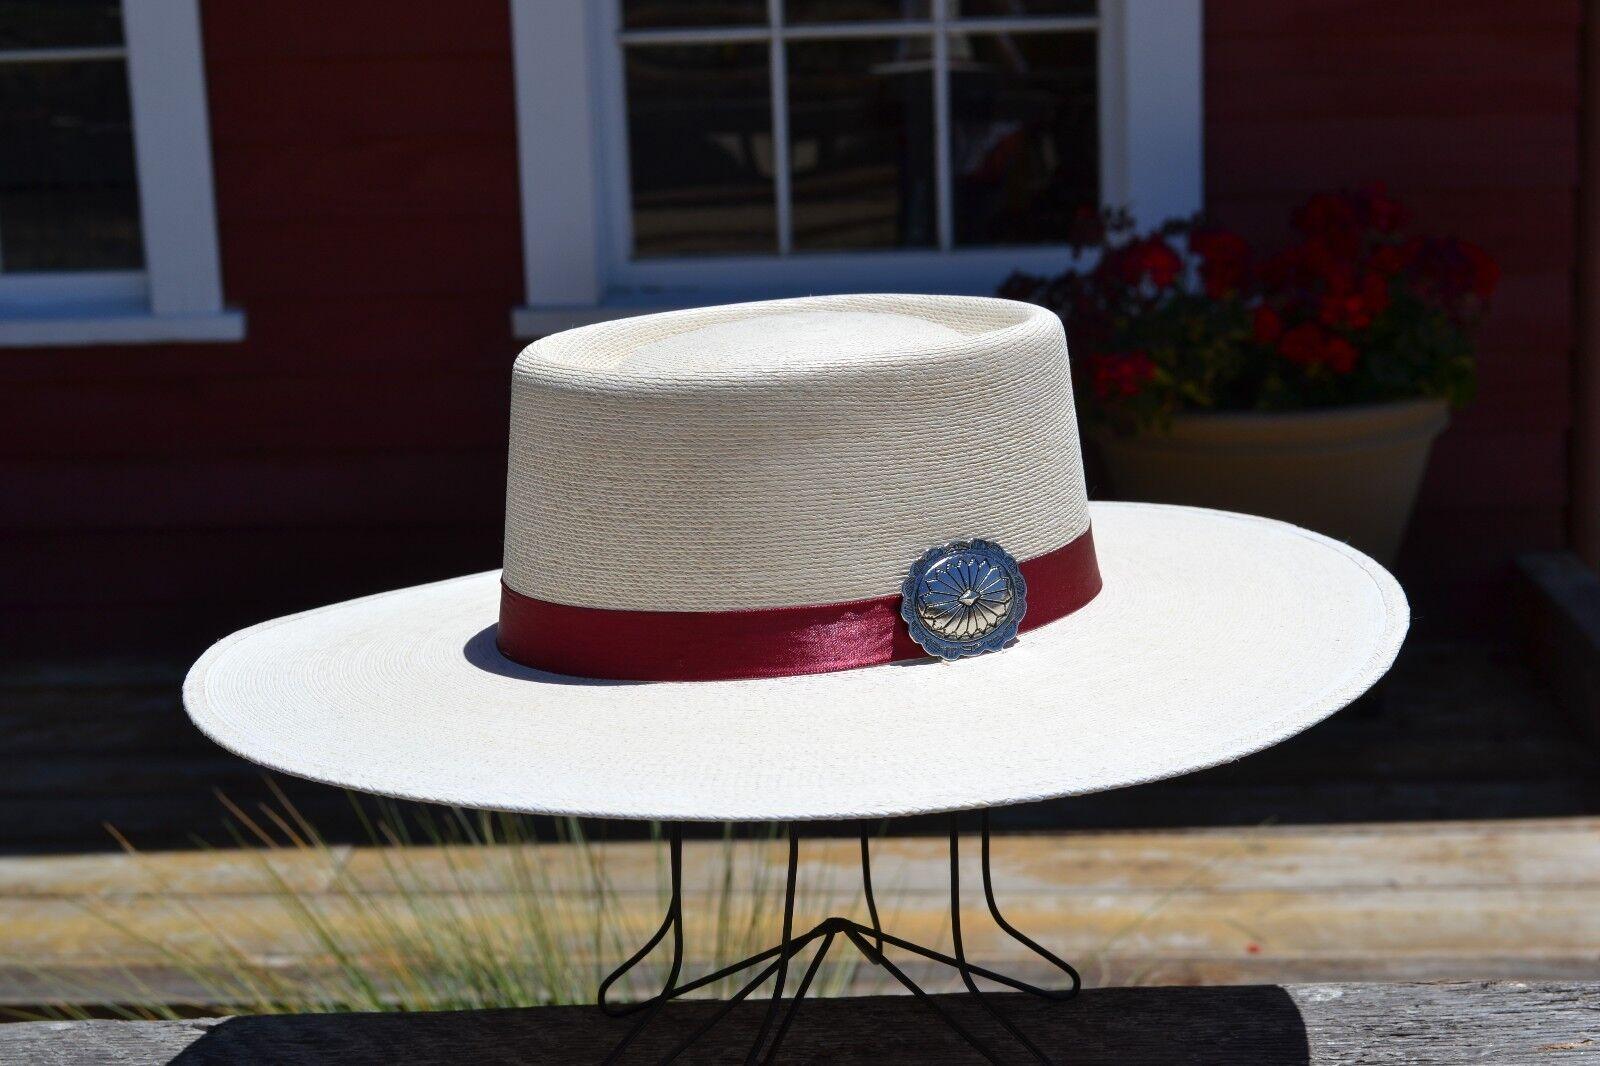 Atwood Hat Company - Rio Concho Nevada 15X Palm Palm Palm Vaquero Cowboyhut - 10.2cm    Großartig    Zuverlässiger Ruf    Exquisite Verarbeitung  92cd84